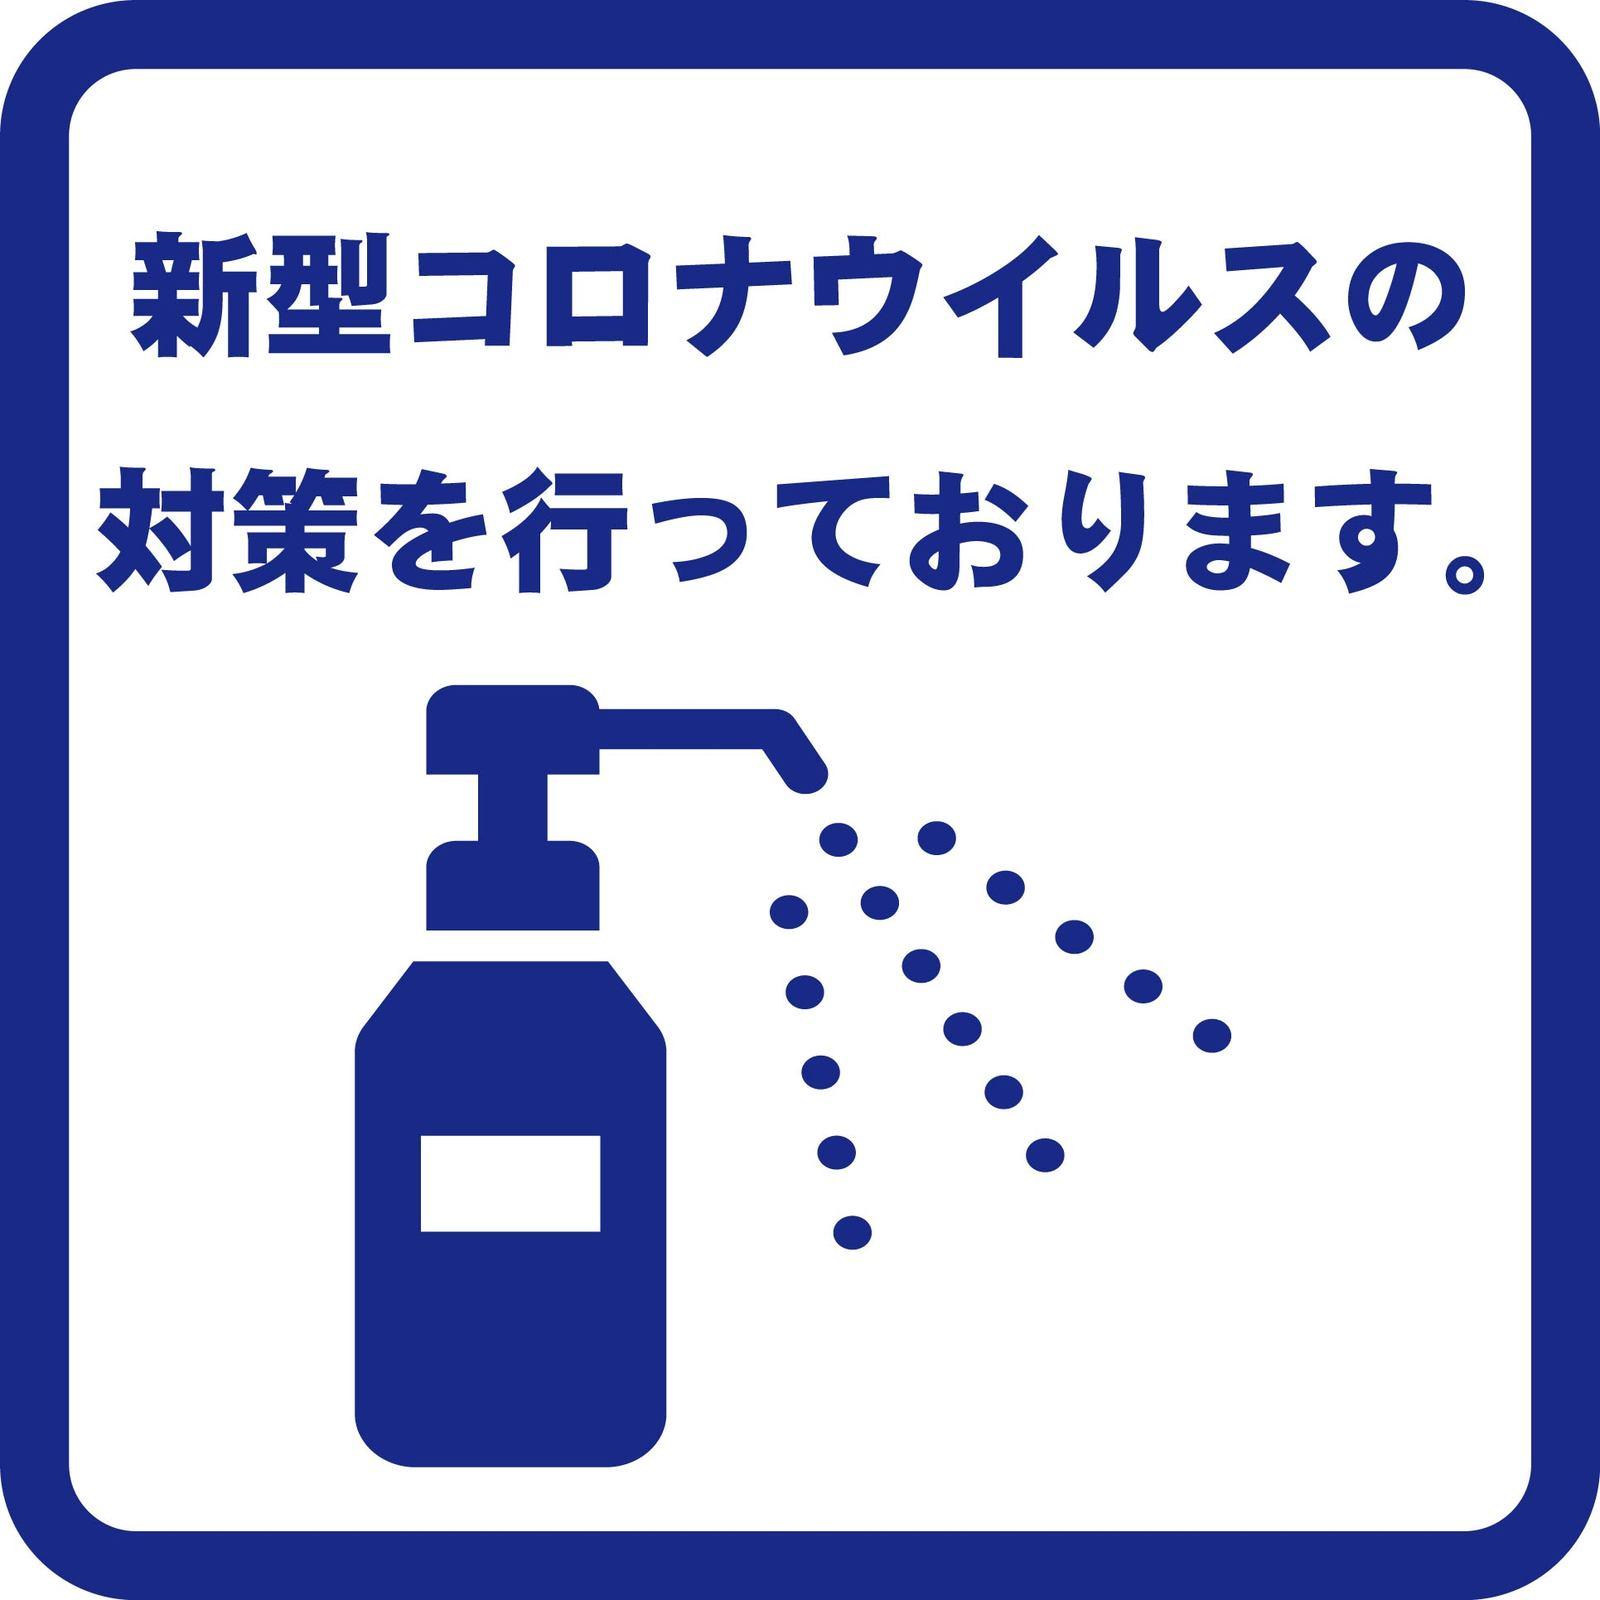 鹿児島サンロイヤルホテル ■駐車場無料だからいい値!プラン【食事なし】